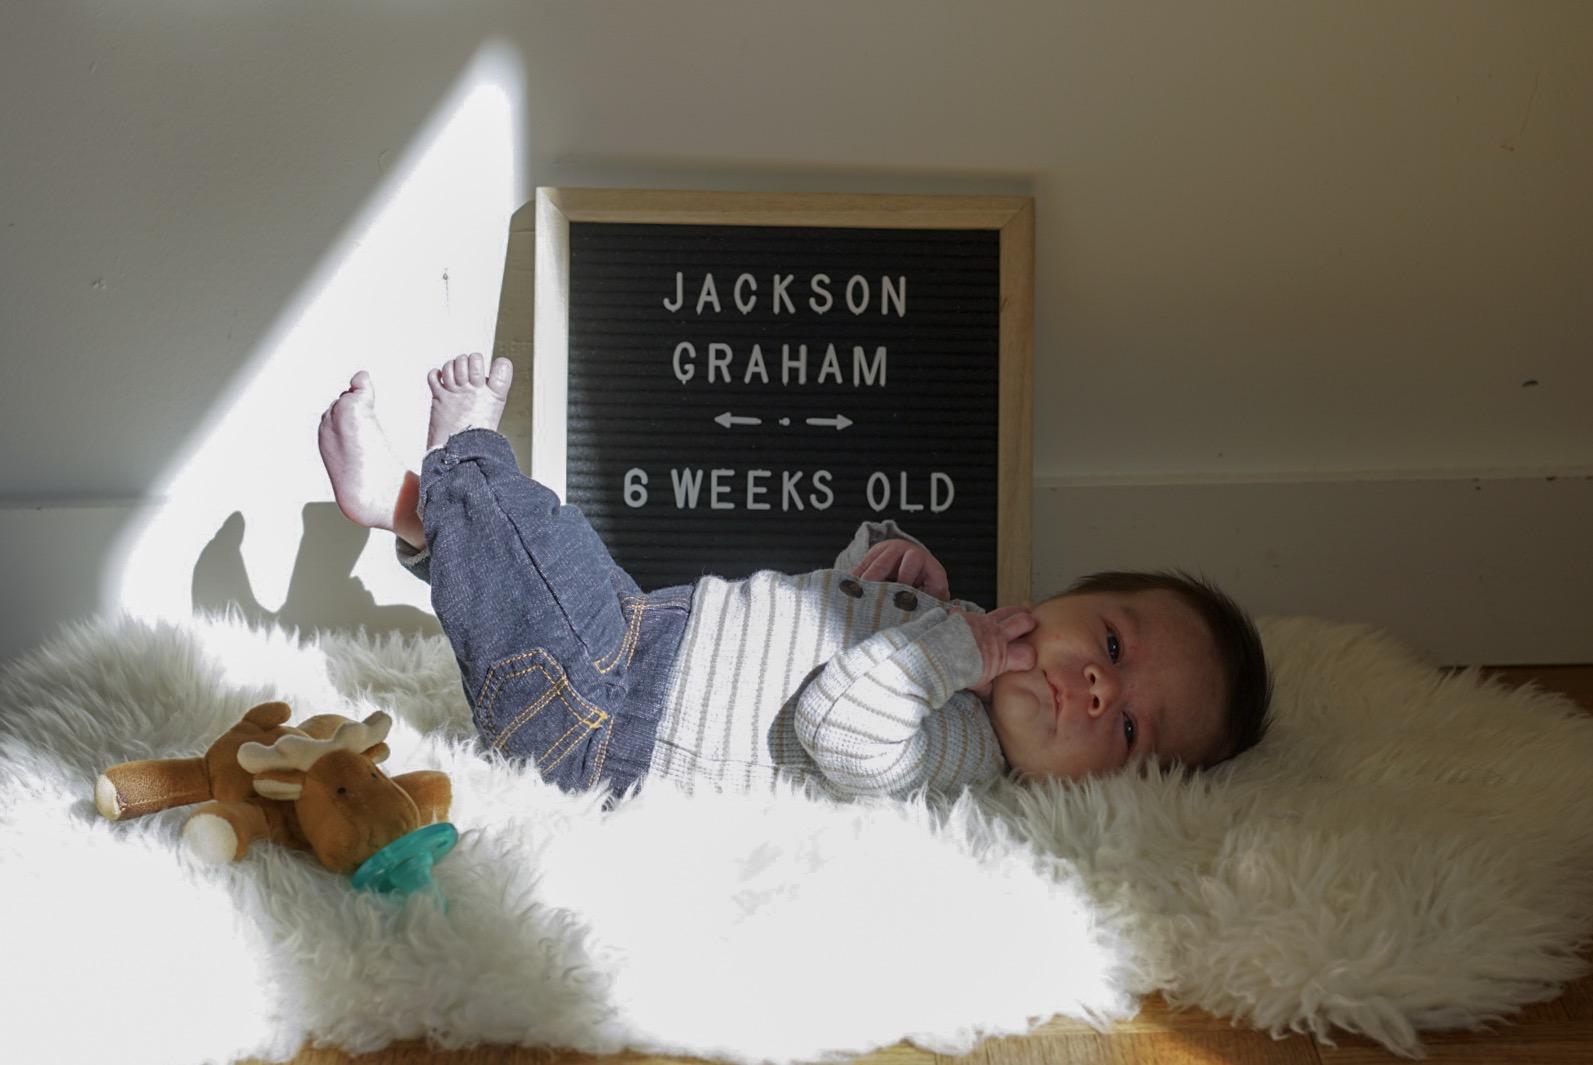 6 weeks old!